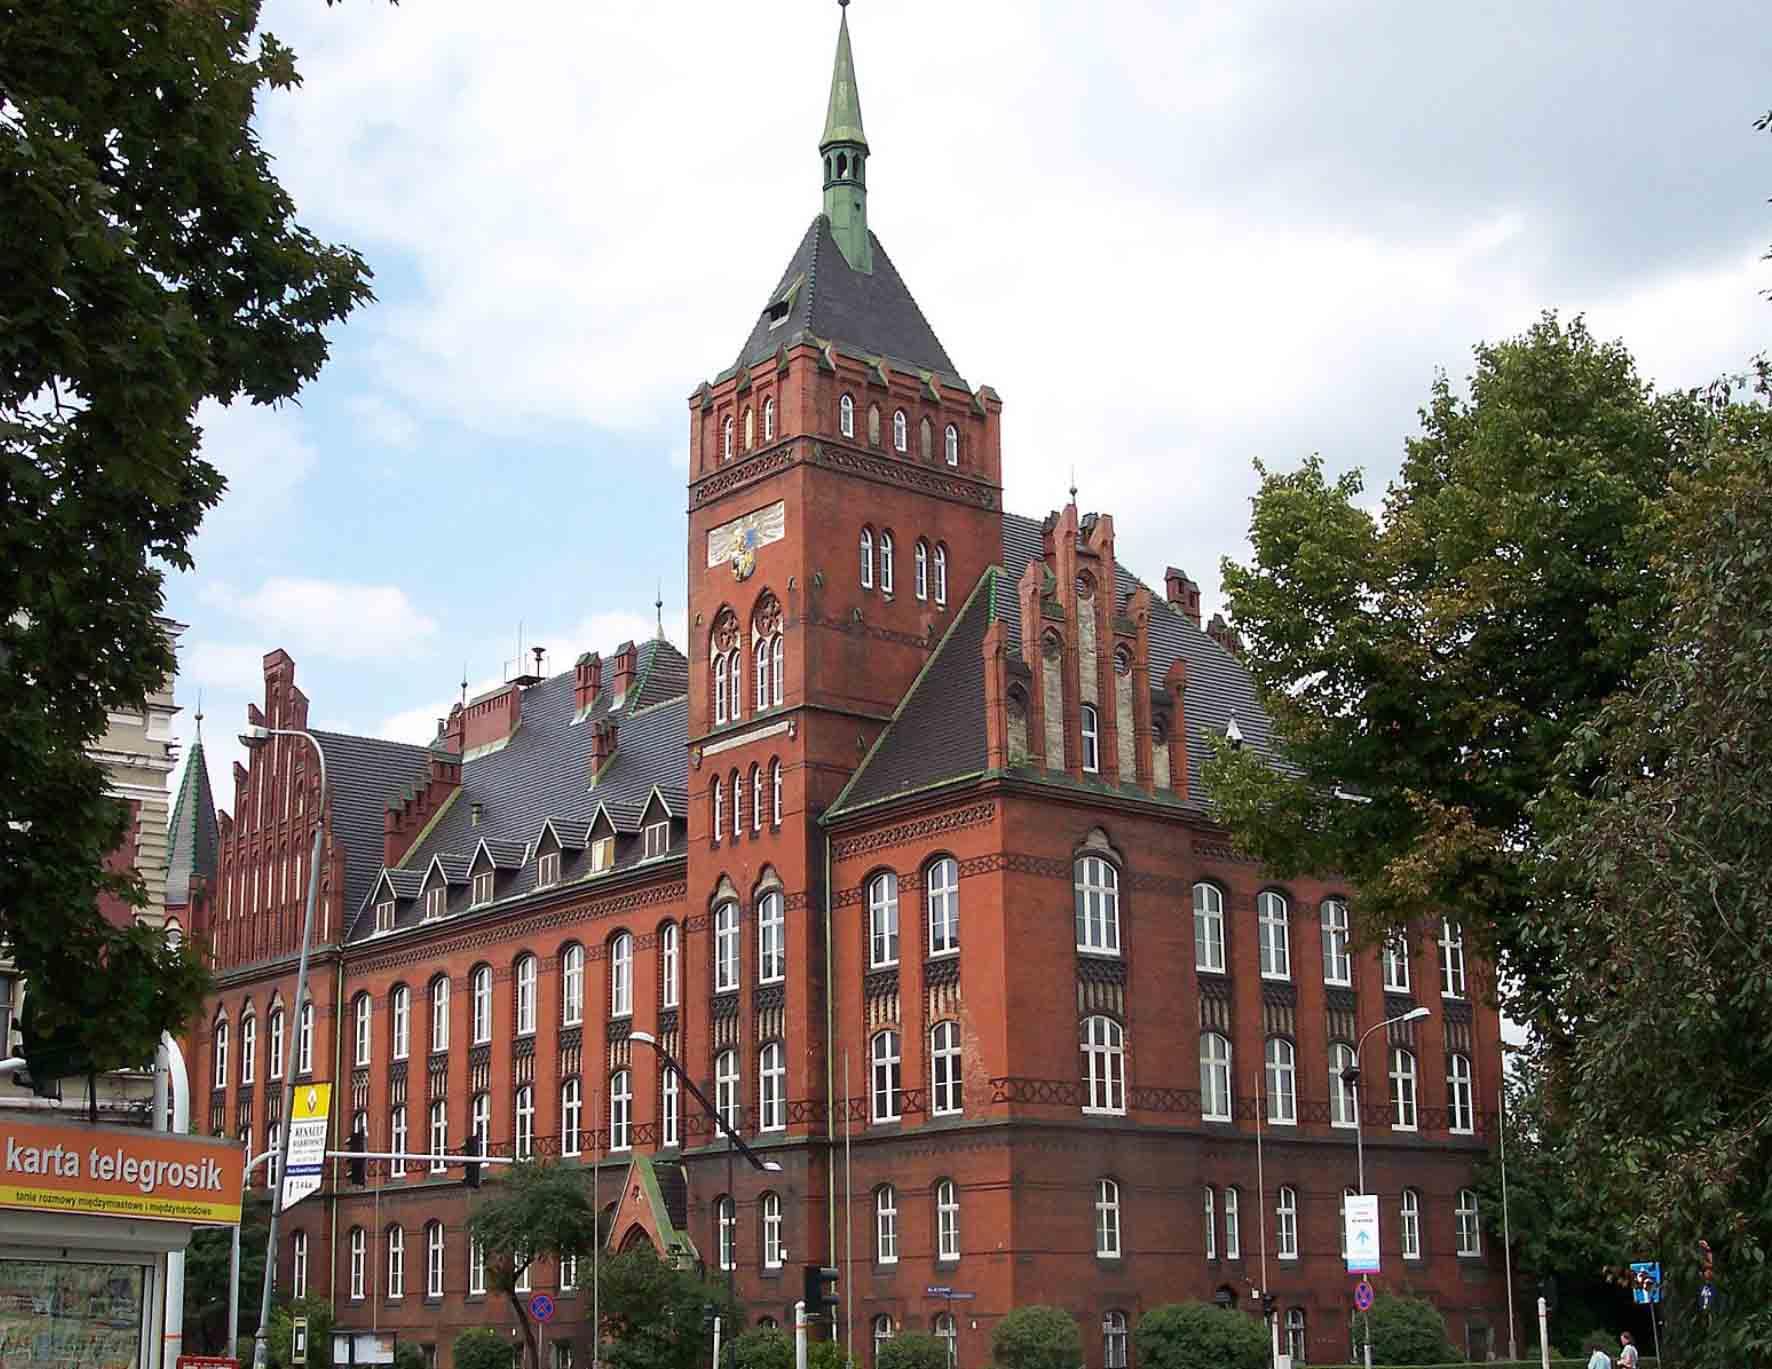 Stipendiranje razmjene studenata na Silesian tehnološkom univerzitetu u Poljskoj